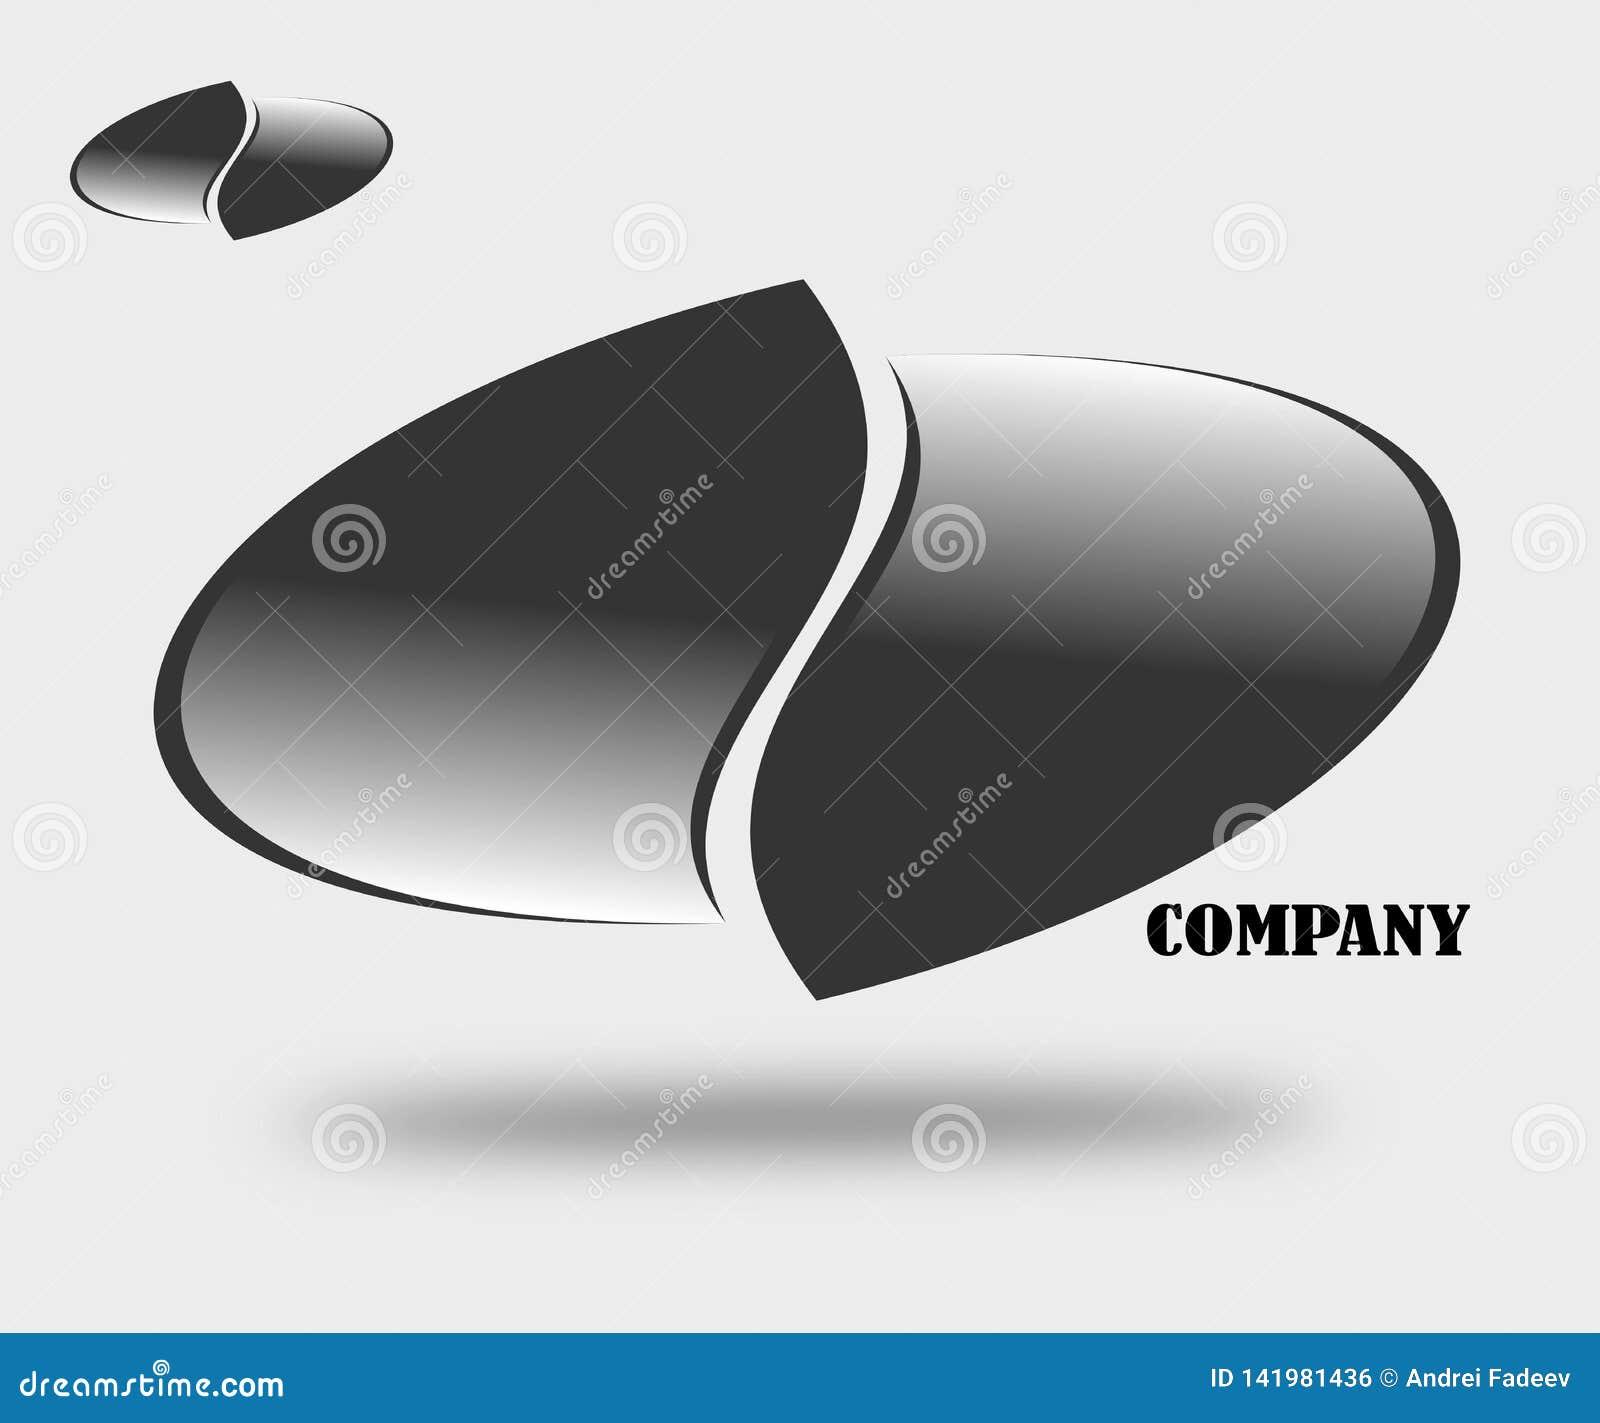 Emblema de dibujo del logotipo de la compañía